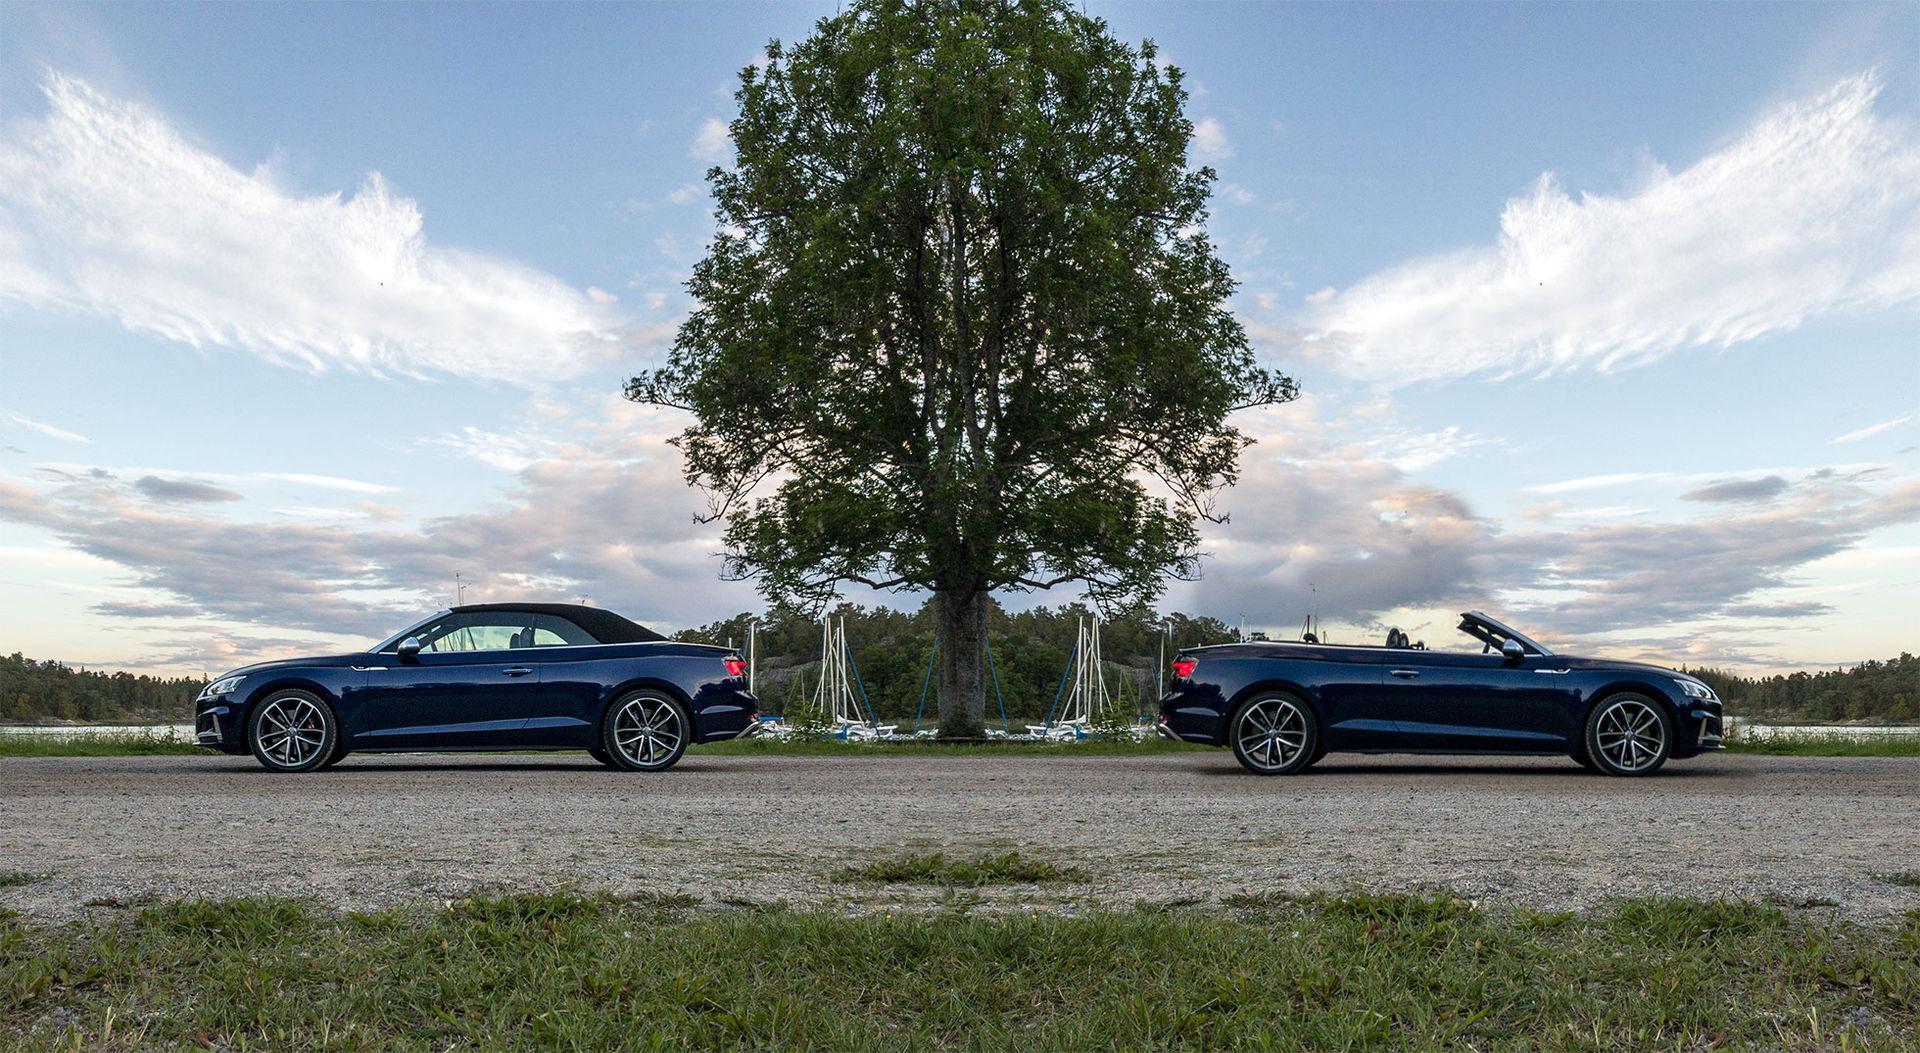 Audi S5 är lika snygg med som utan tak